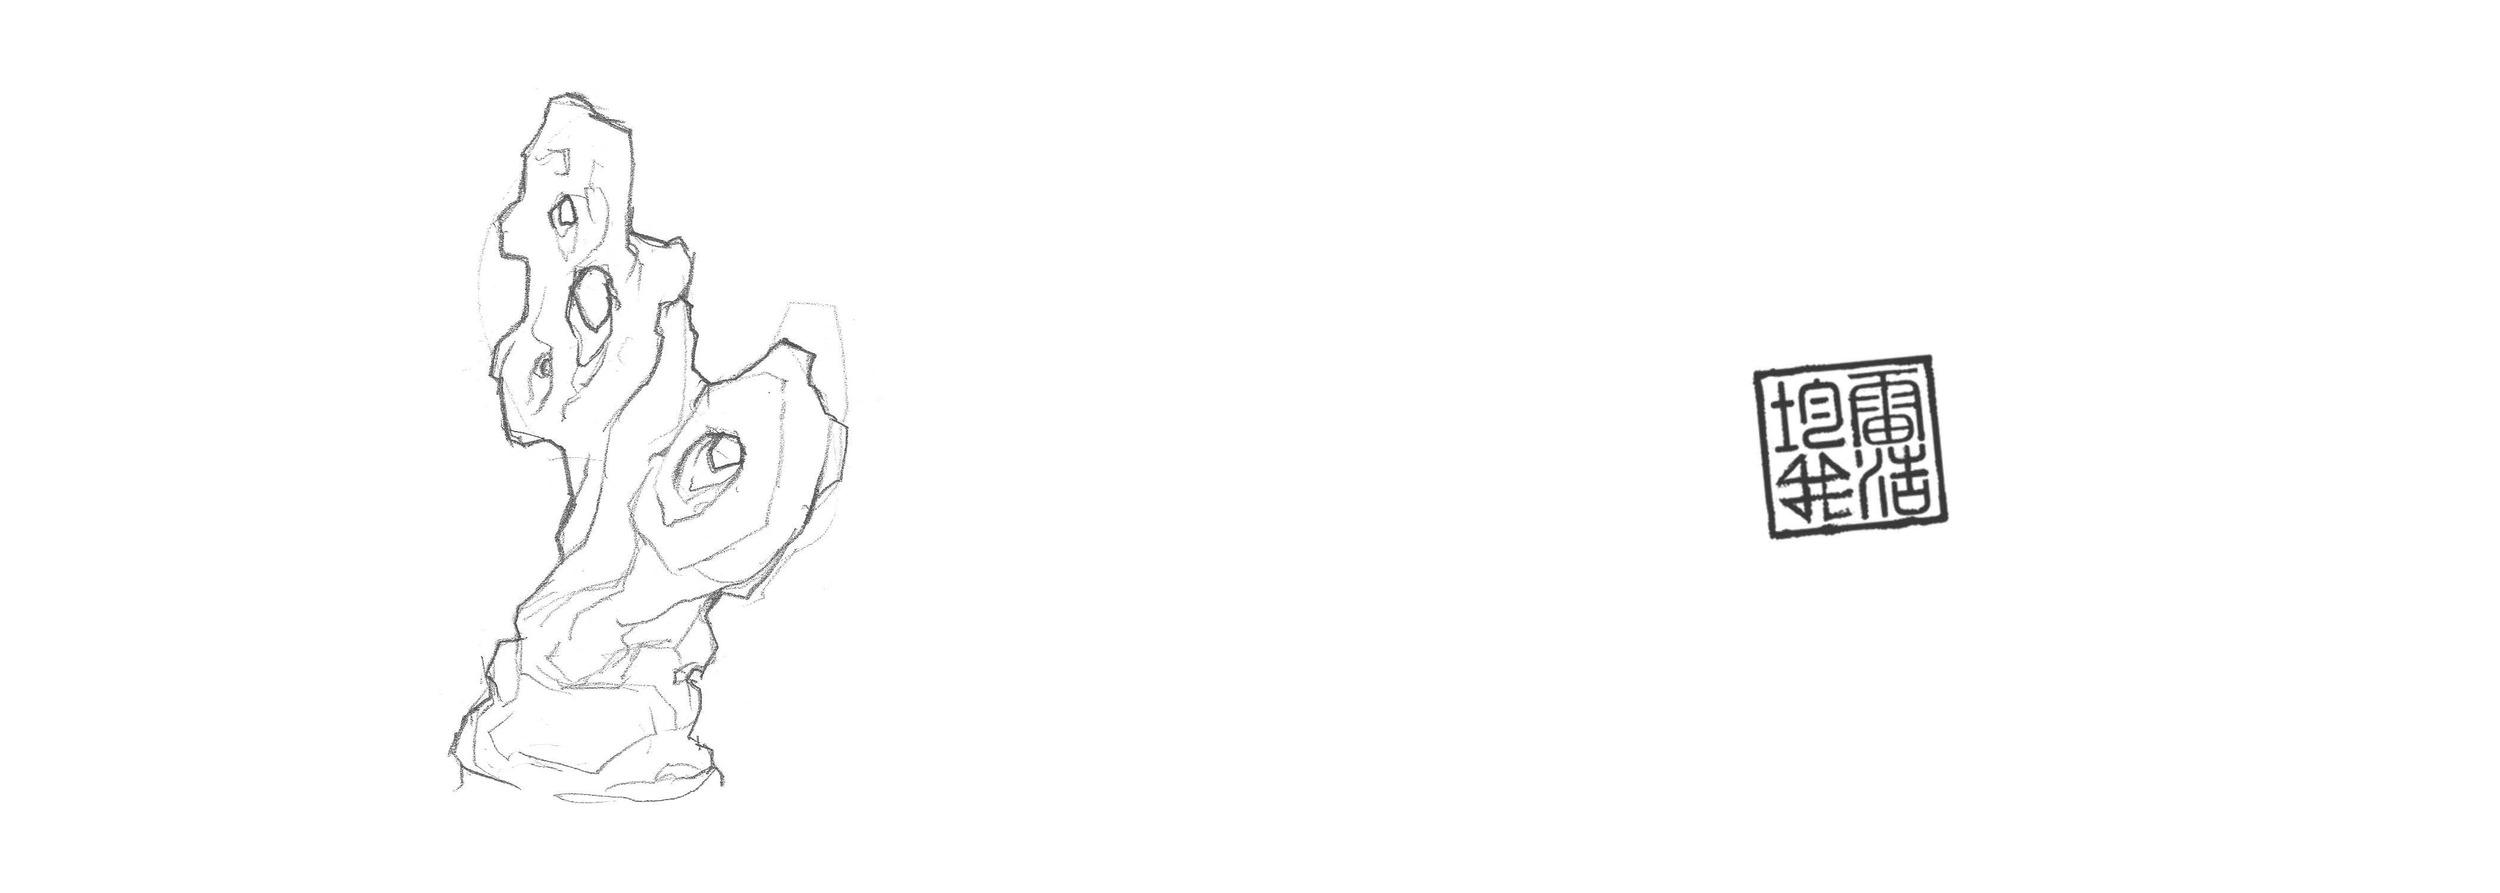 Ivan Louey - Sketch book web_Page_11.jpg